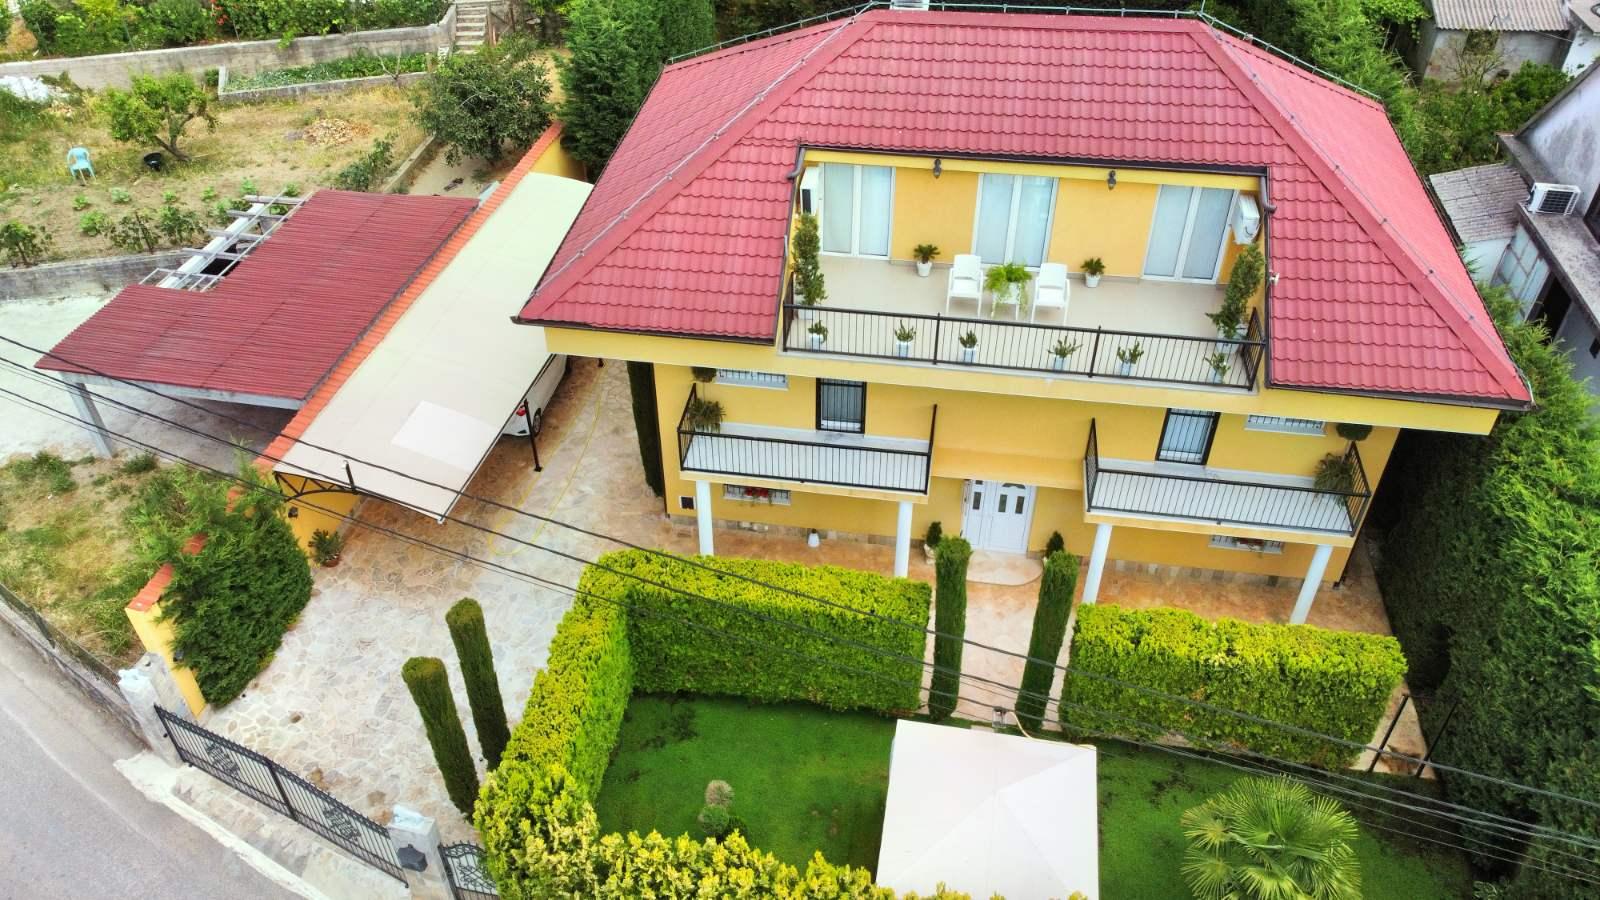 amforaproperty.com/Luksuzno opremljena kuca 340m2 sa uređenim dvorištem, Lastva Grbaljska . Hitna prodaja!!! Super cijena!!!